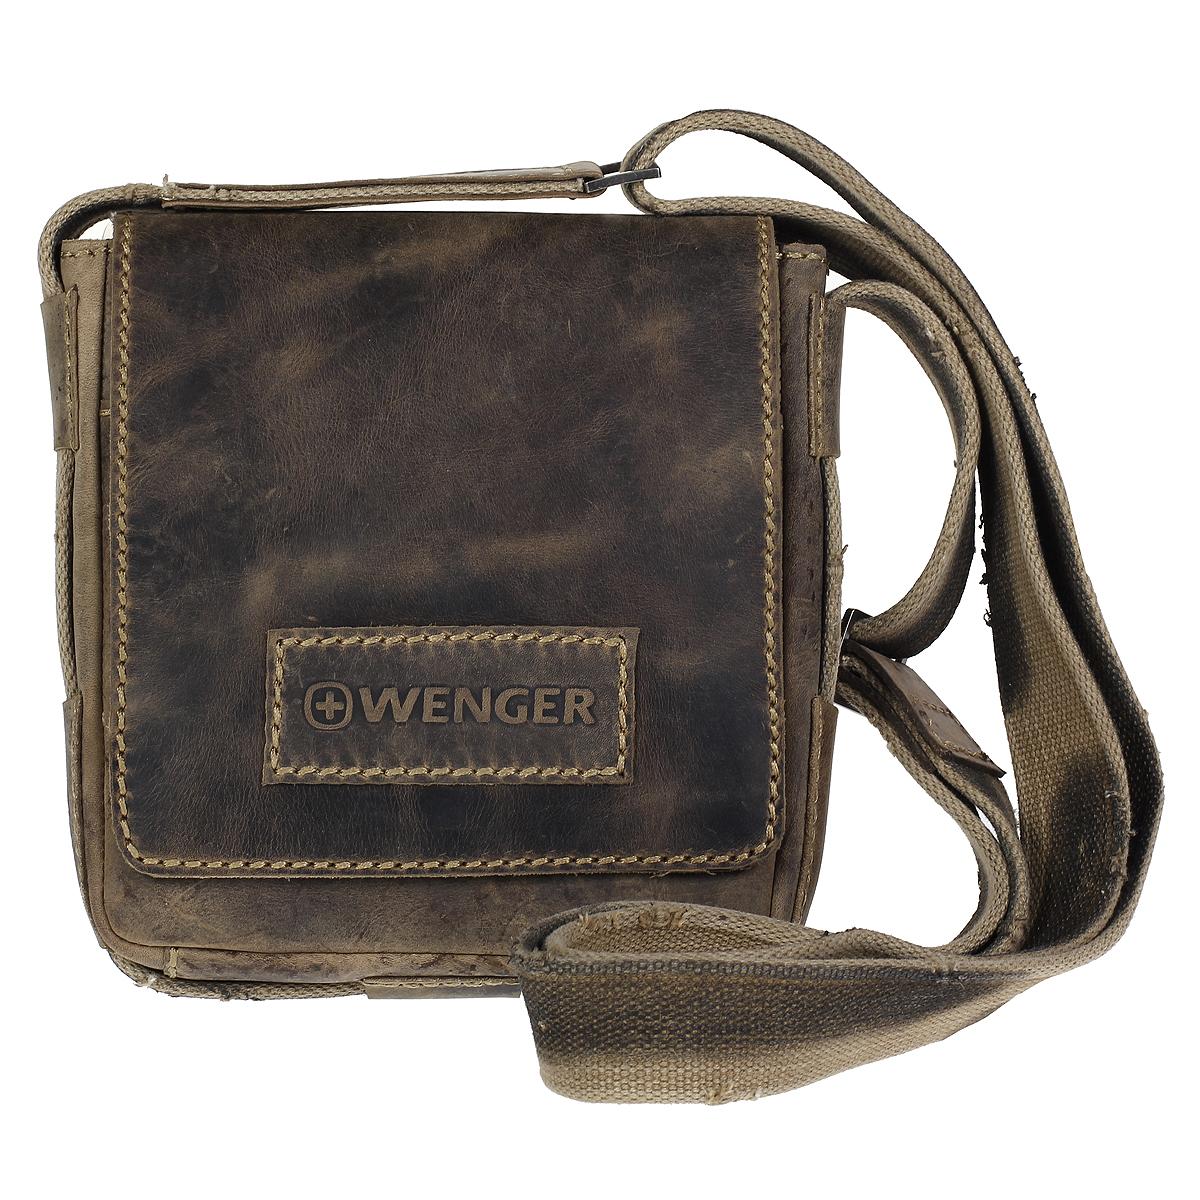 Сумка-планшет мужская Wenger Stonehide, цвет: светло-коричневый. W16-01W16-01Сумка-планшет Wenger Stonehide выполнена из крепкой эластичной бычьей кожи, обработанной по традиционной технологии - грубые швы, состаренные ремни. Такая сумка будет уместна везде - на деловой встрече, учебе или работе. Сумка имеет одно отделение и закрывается широким клапаном на магнитную кнопку. Внутри - вшитый карман на молнии, шесть кармашков для кредиток или визитных карточек, два держателя для пишущих инструментов, карман для мобильного телефона и открытый накладной кармашек для мелочей. На задней стенке - вшитый карман на молнии. Сумка-планшет оснащена текстильным плечевым ремнем регулируемой длины. Стильная, практичная и компактная сумка-планшет в стиле кэжуал - для современного мужчины. Кожаные сумки Wenger - модные, функциональные, высококачественные сумки с уникальным дизайном. По всем вопросам гарантийного и постгарантийного обслуживания рюкзаков, чемоданов, спортивных и кожаных сумок, а также портмоне марок Wenger и SwissGear вы...